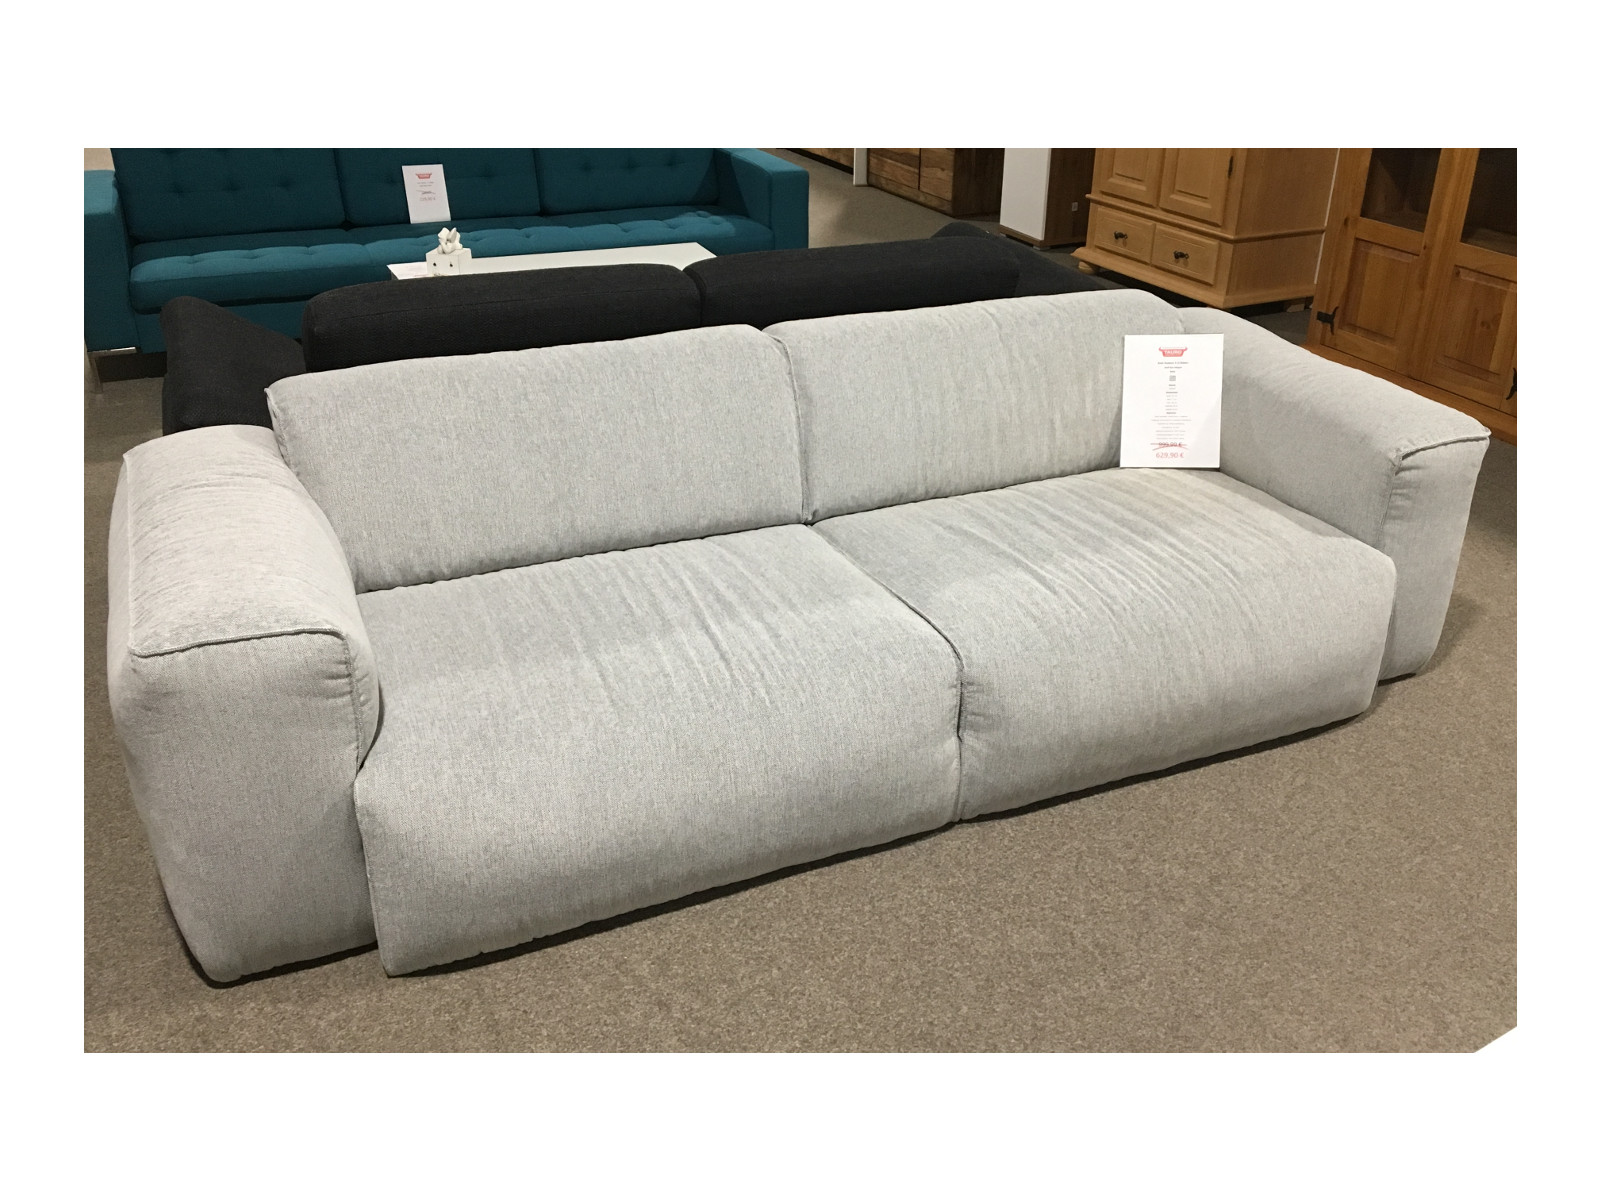 114 sofa zeichnung luxus couch zeichnung couch zeichnung